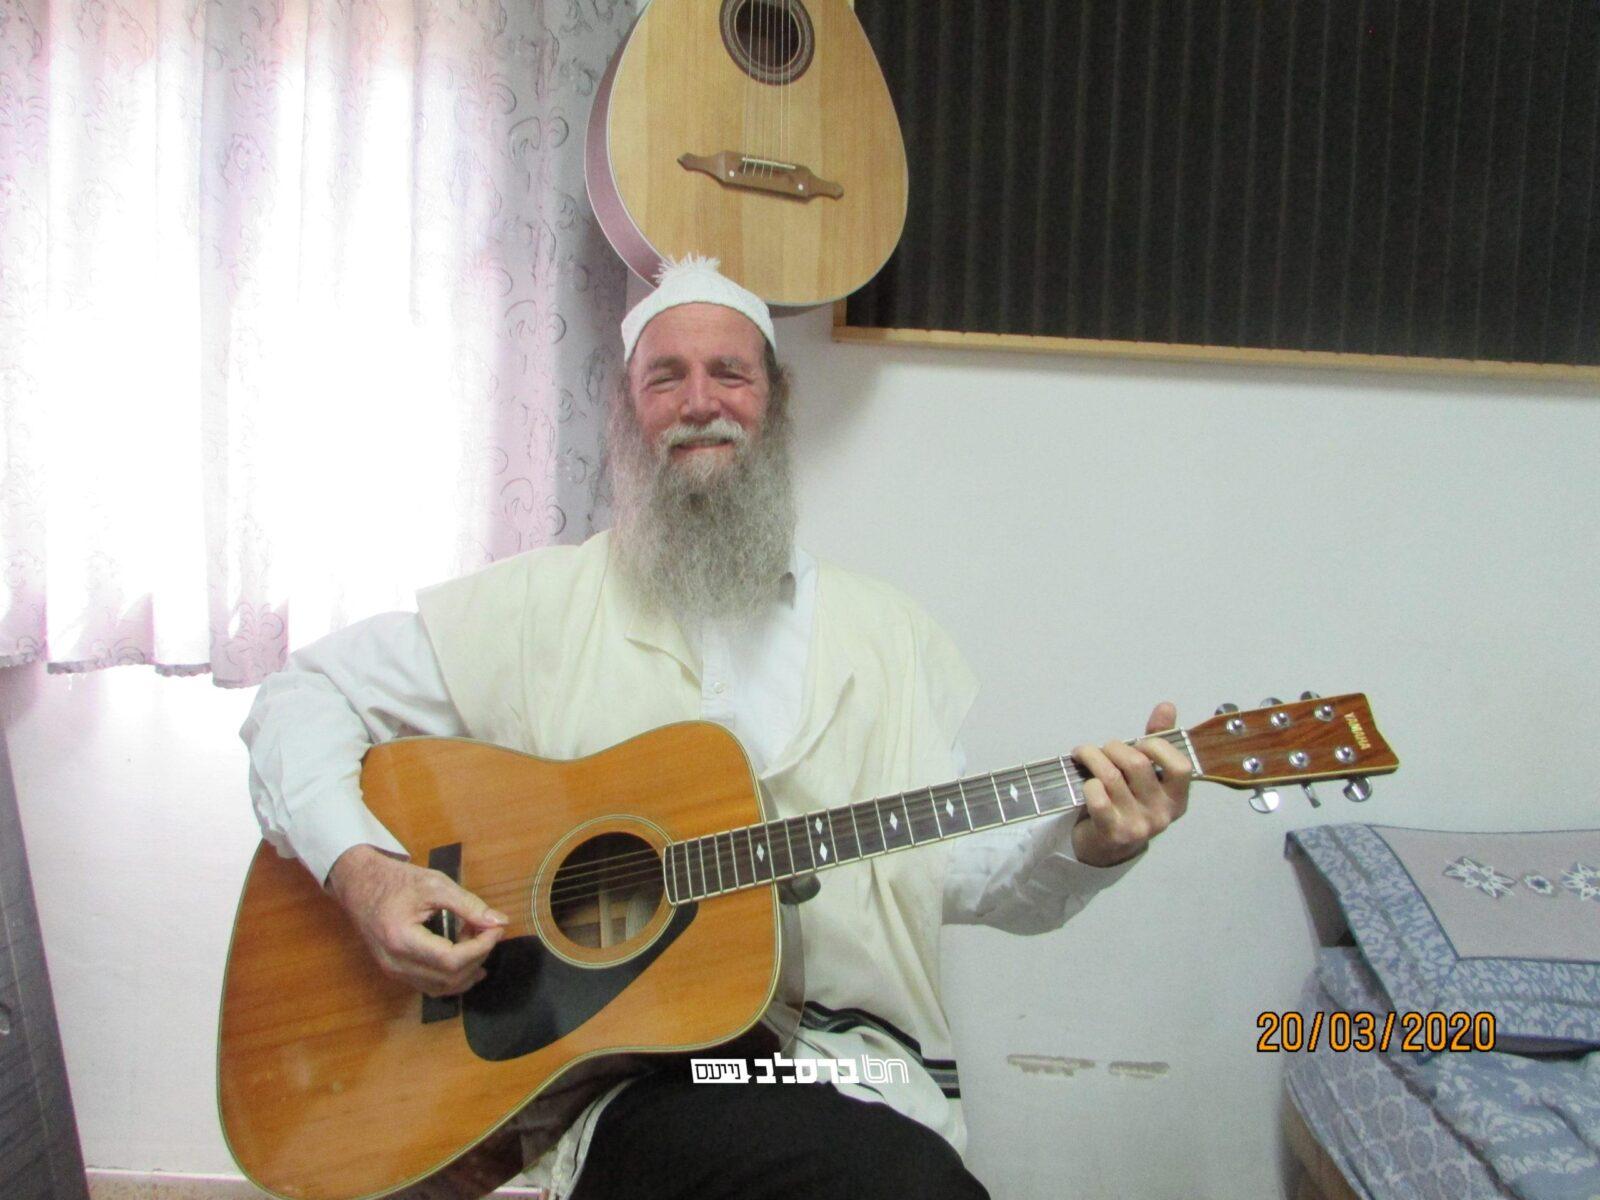 ווירוס הקורונה: הבעל מנגן הברסלבאי רבי ישראל דגן בדיבורי התחזקות סוחפים מלווי נגינה על התבודדות